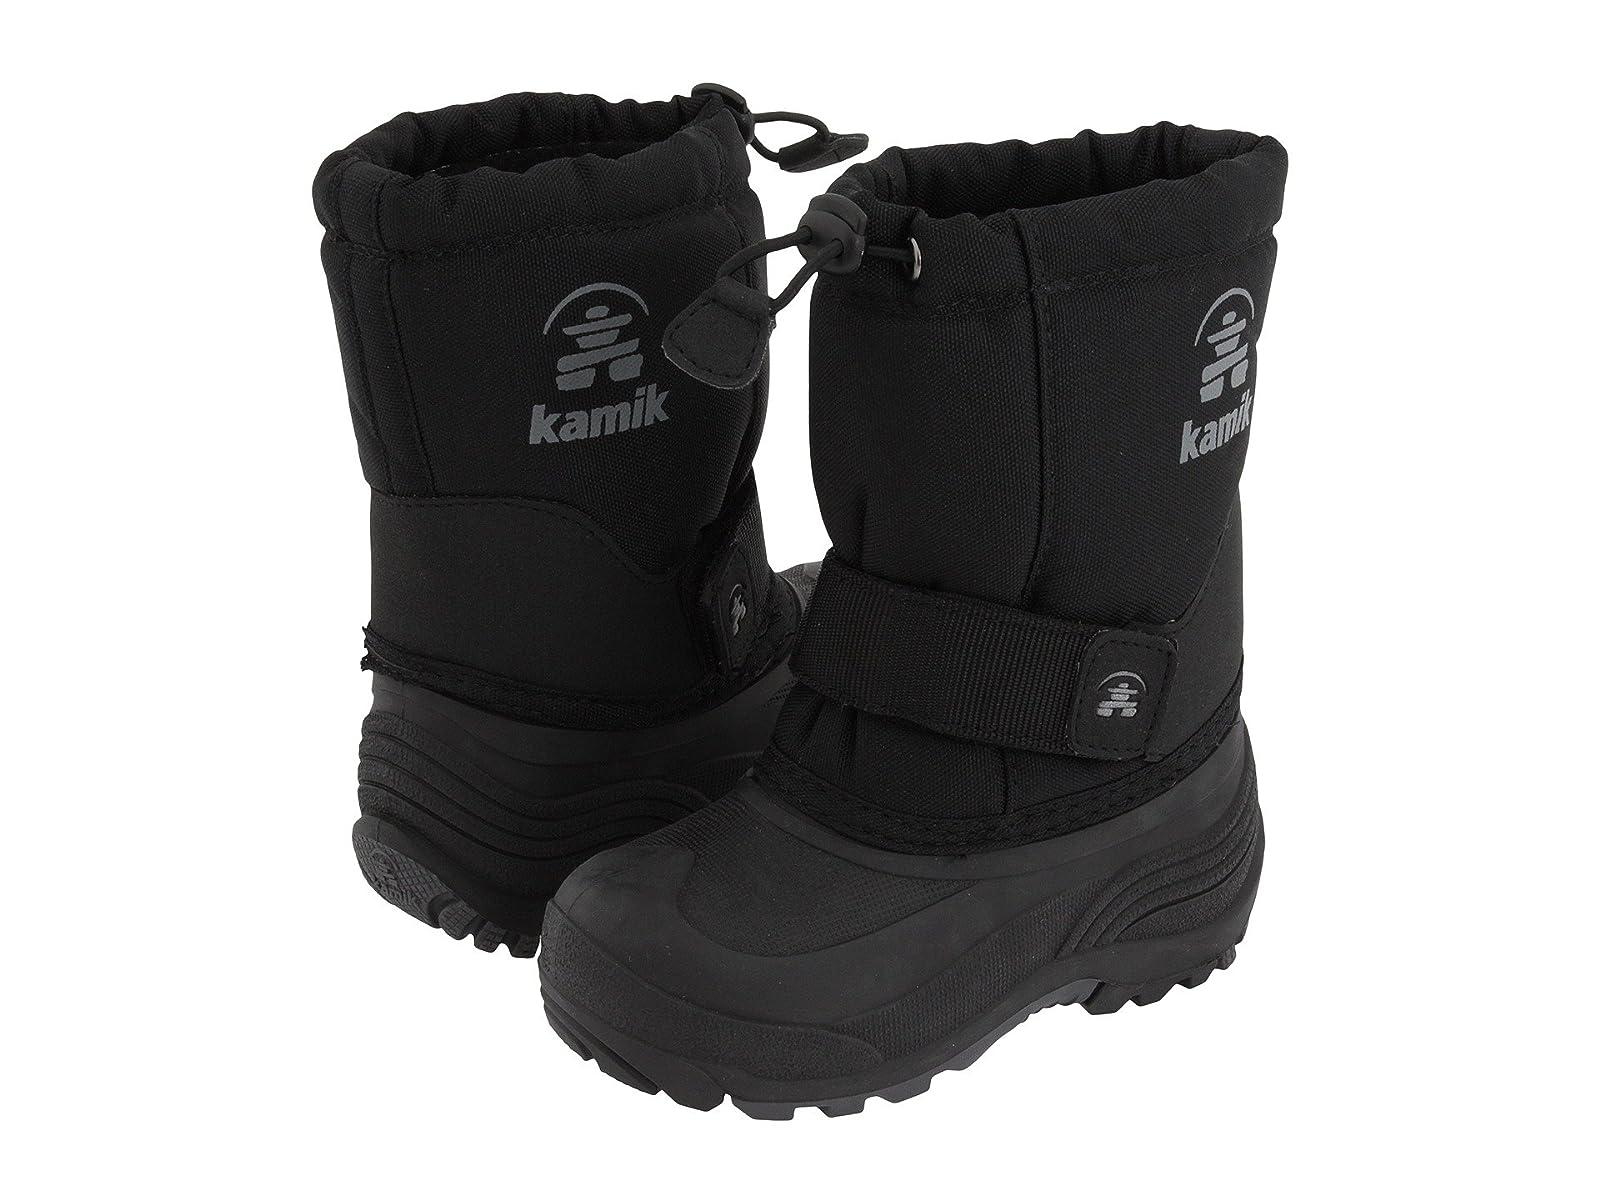 Kamik Kids Rocket Wide (Toddler/Little Kid/Big Kid)Affordable and distinctive shoes